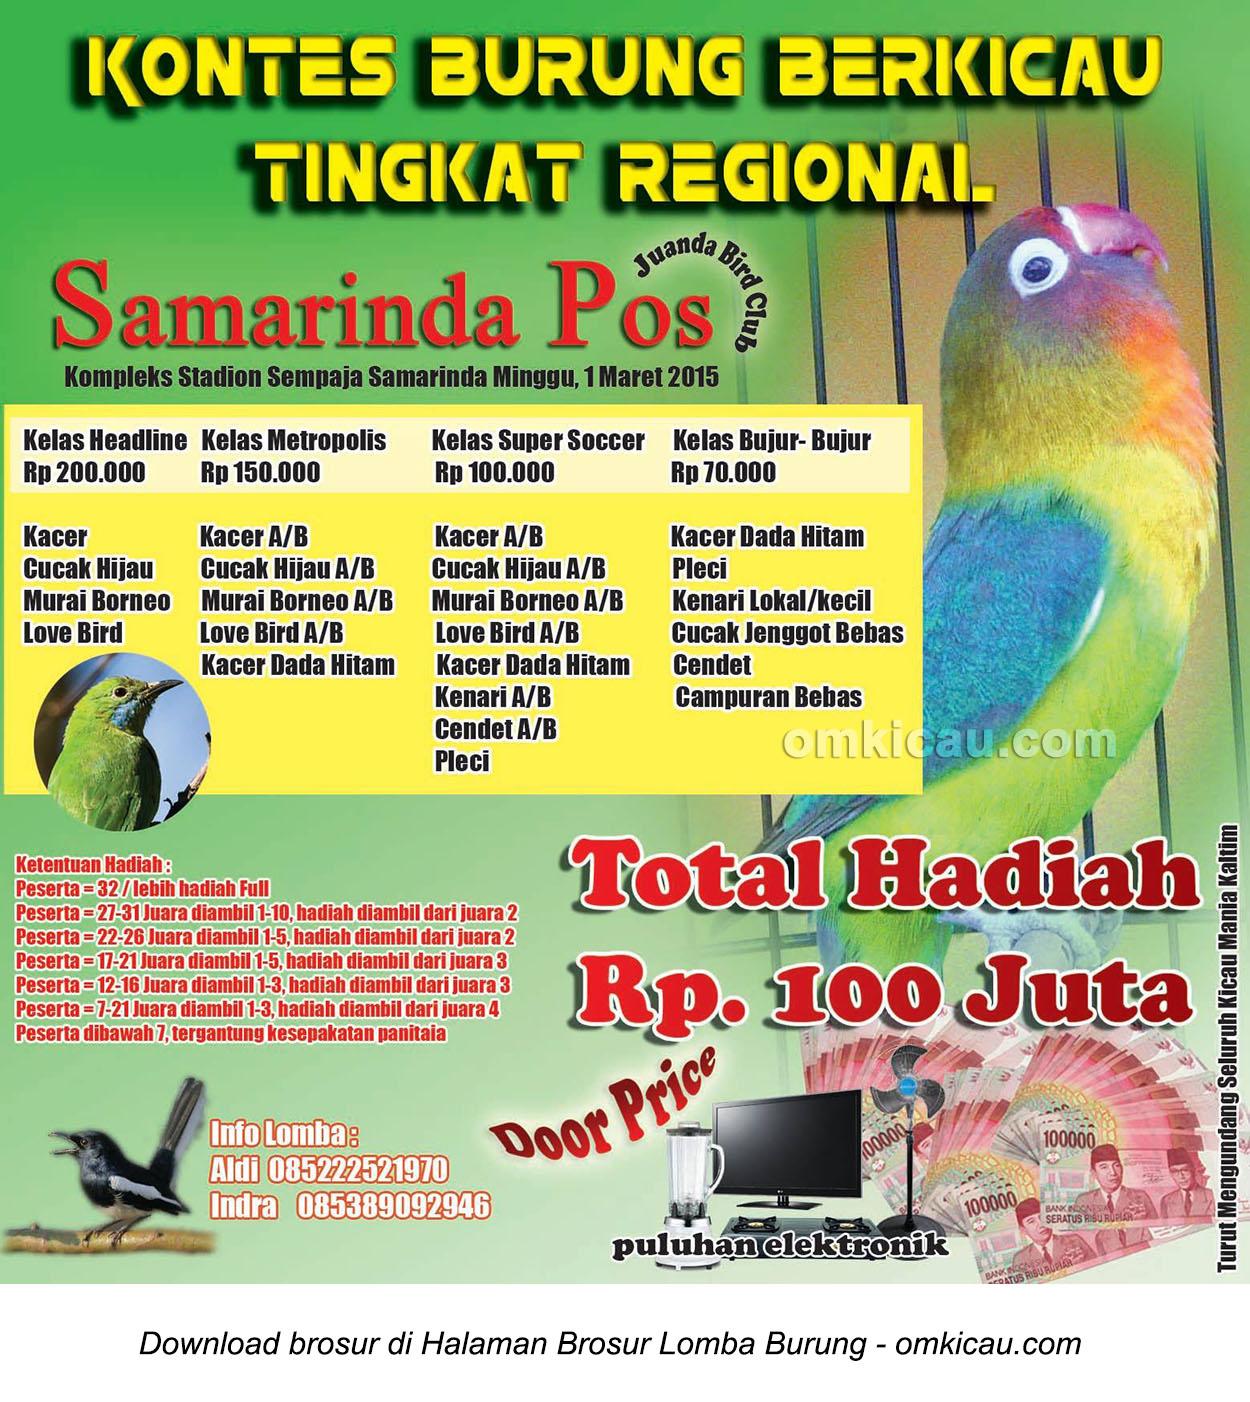 Brosur Kontes Burung Berkicau Samarinda Pos, Samarinda, 1 Maret 2015